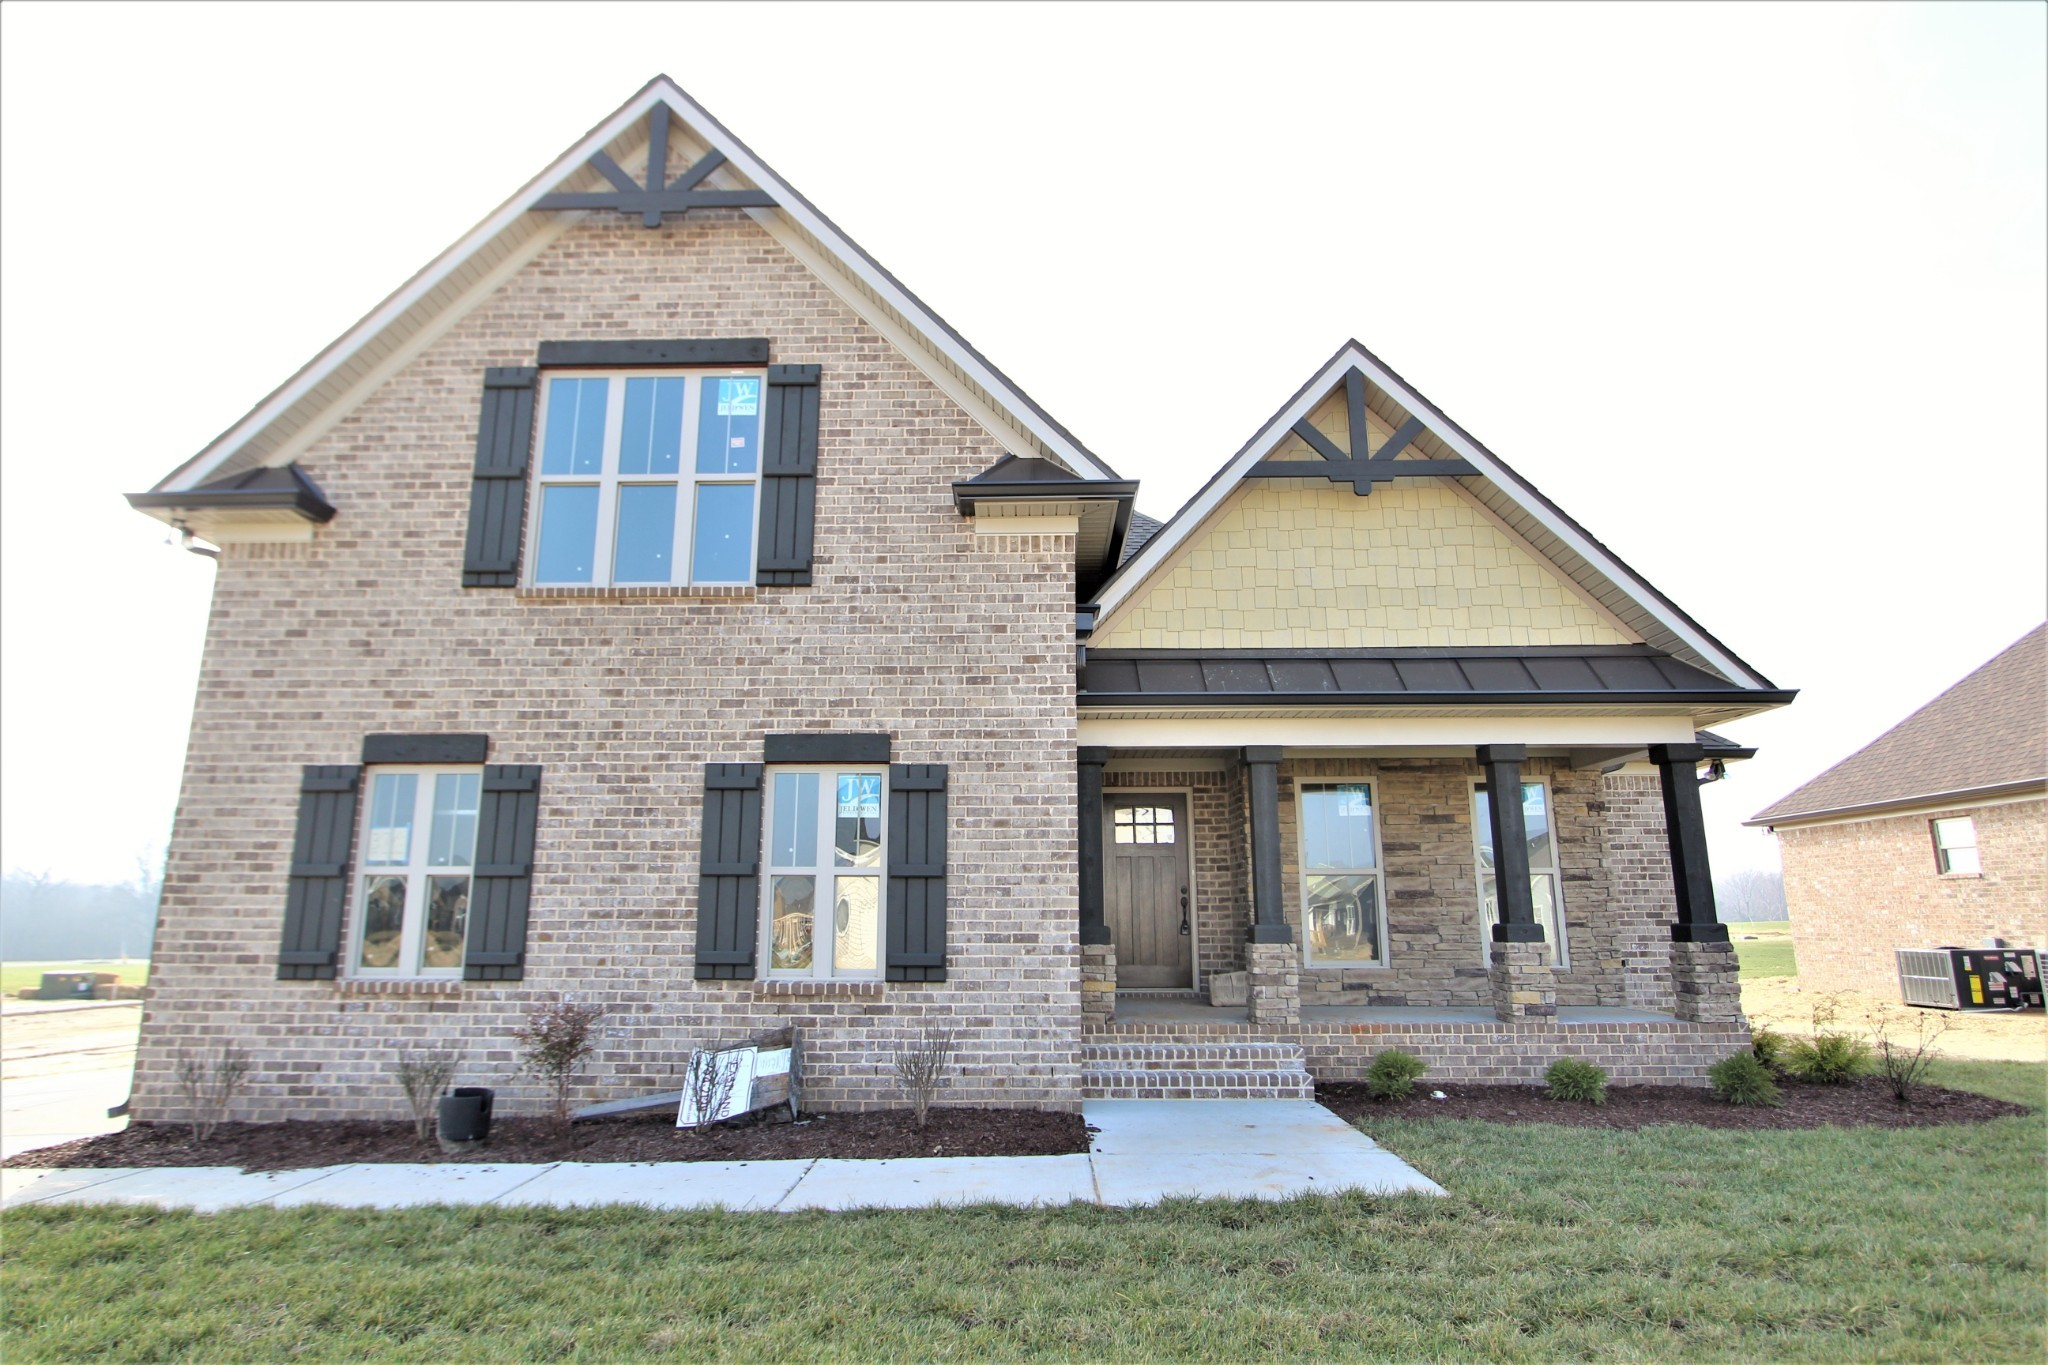 352 Lowline Dr. #37, Clarksville, TN 37043 - Clarksville, TN real estate listing